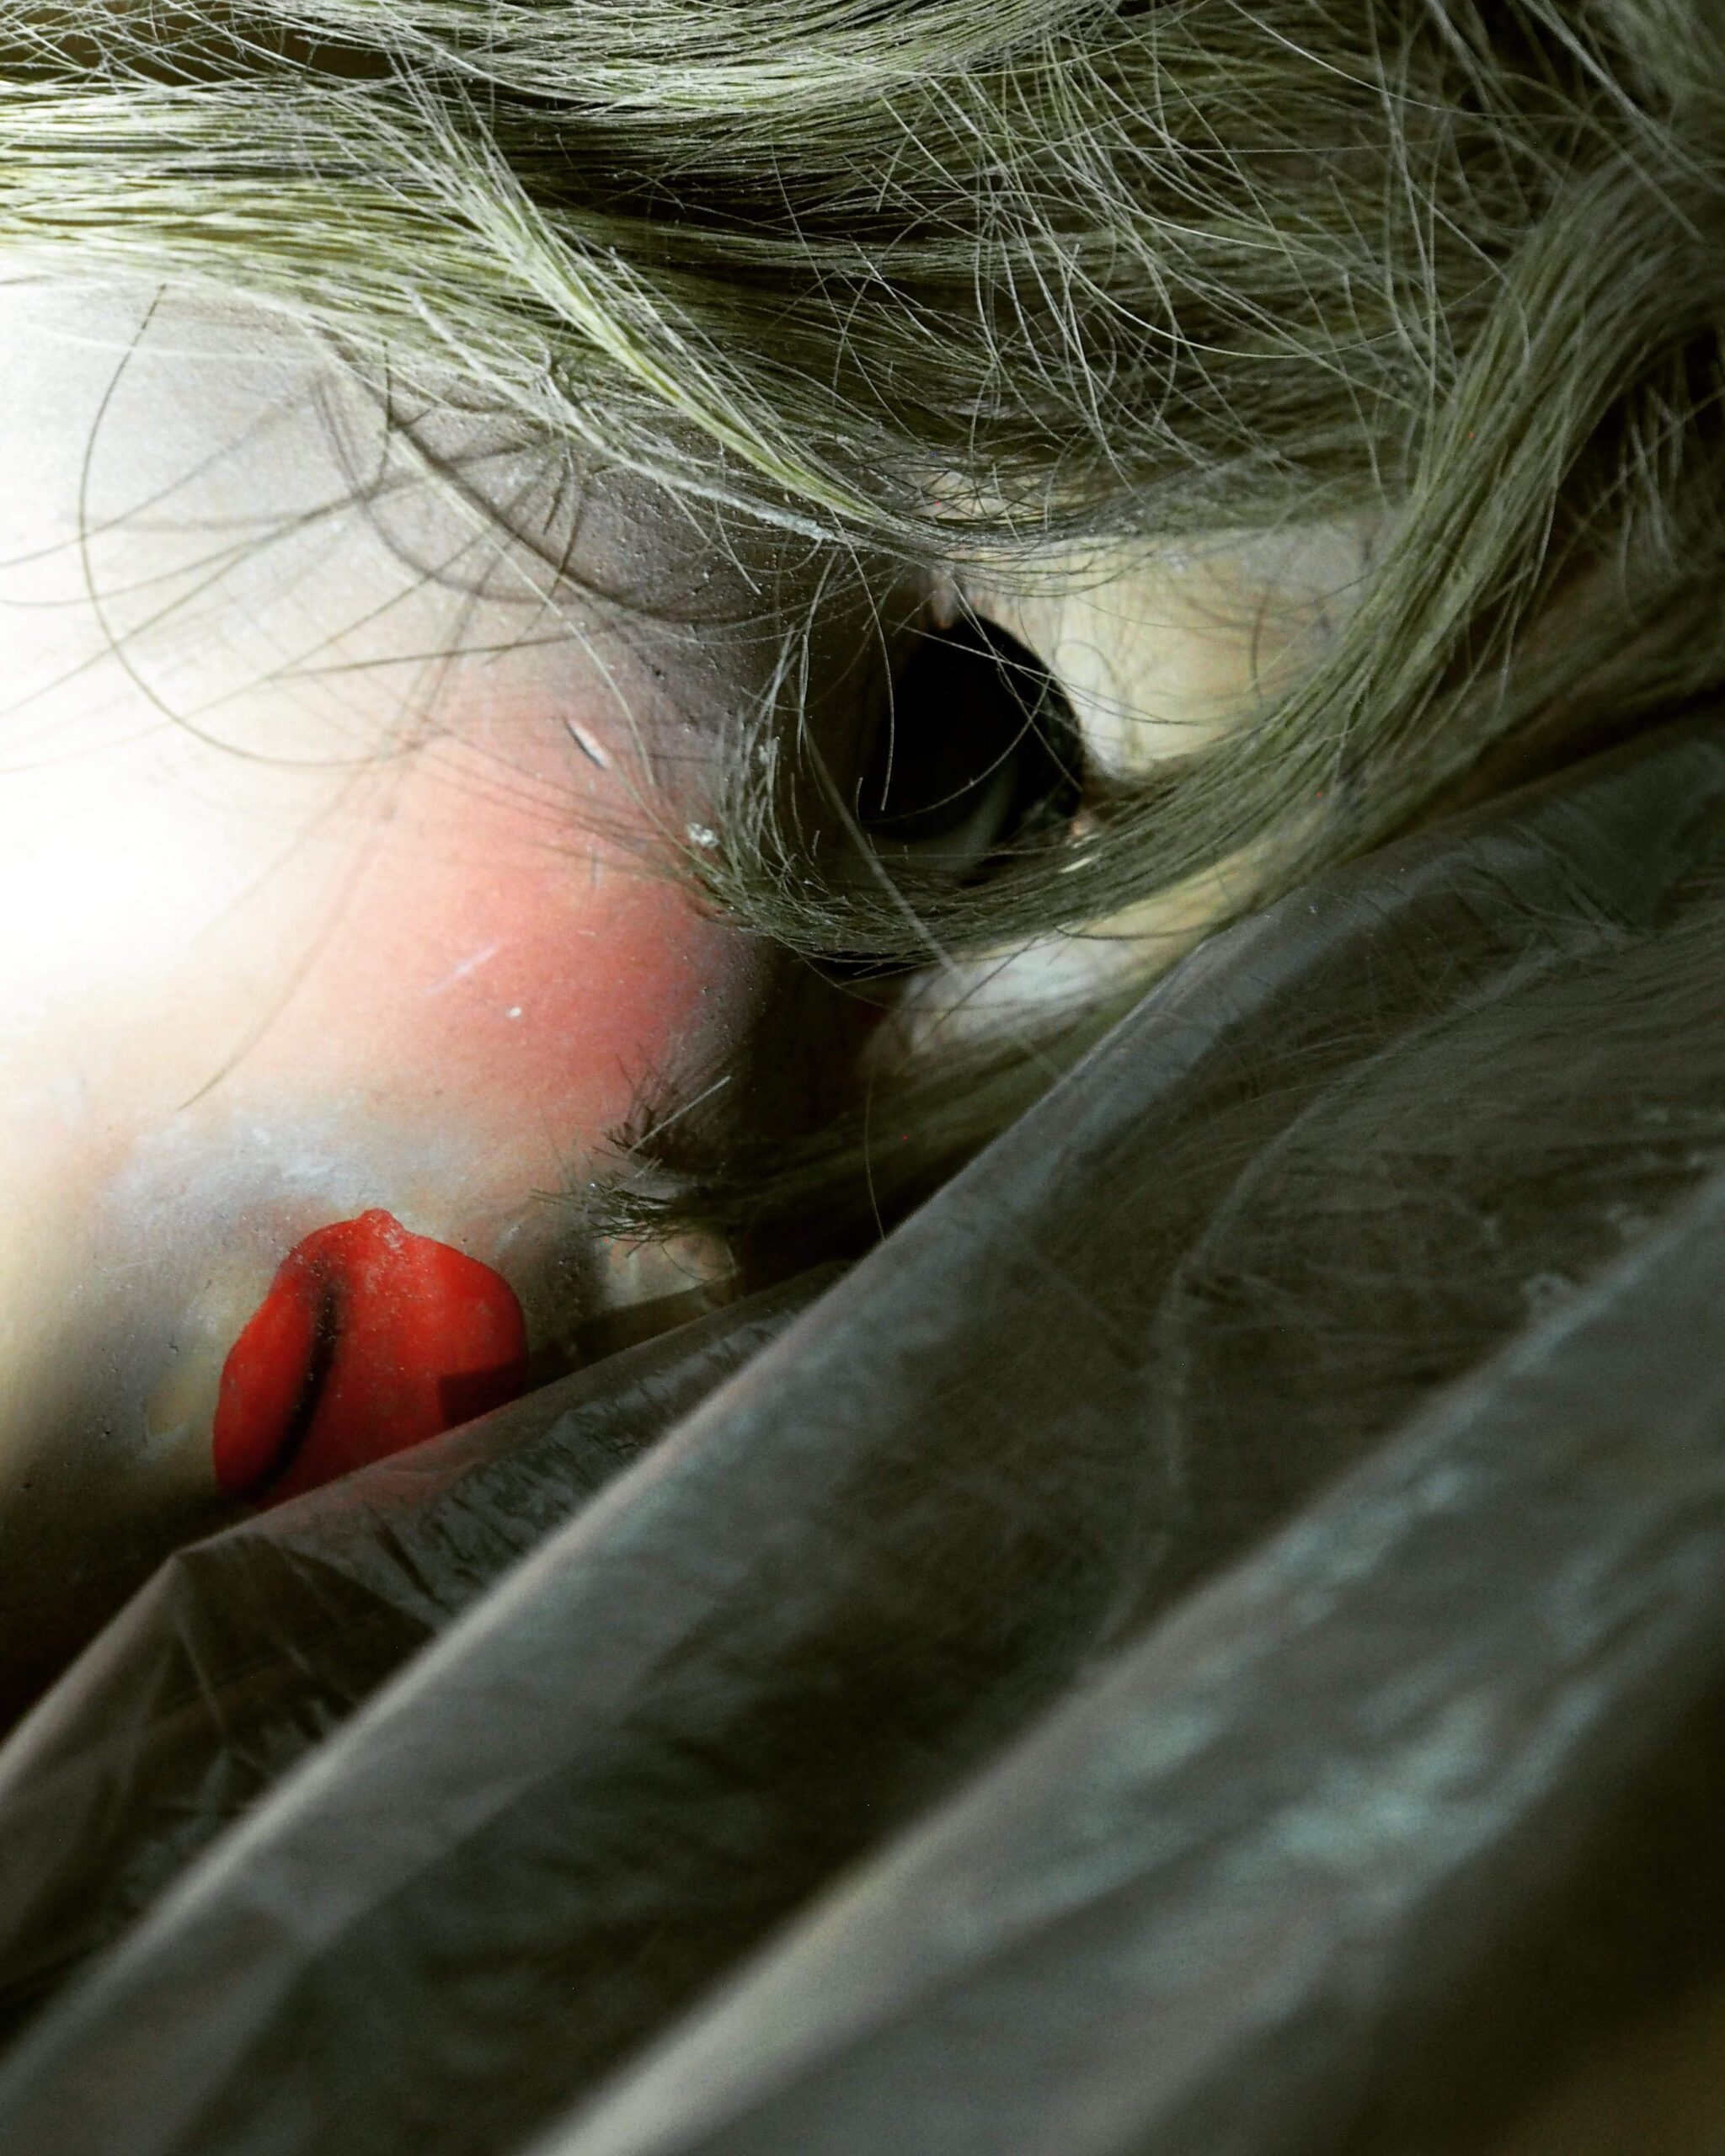 L'hôpital des poupées#03 2020 stampa Fine Art 40x30 cm